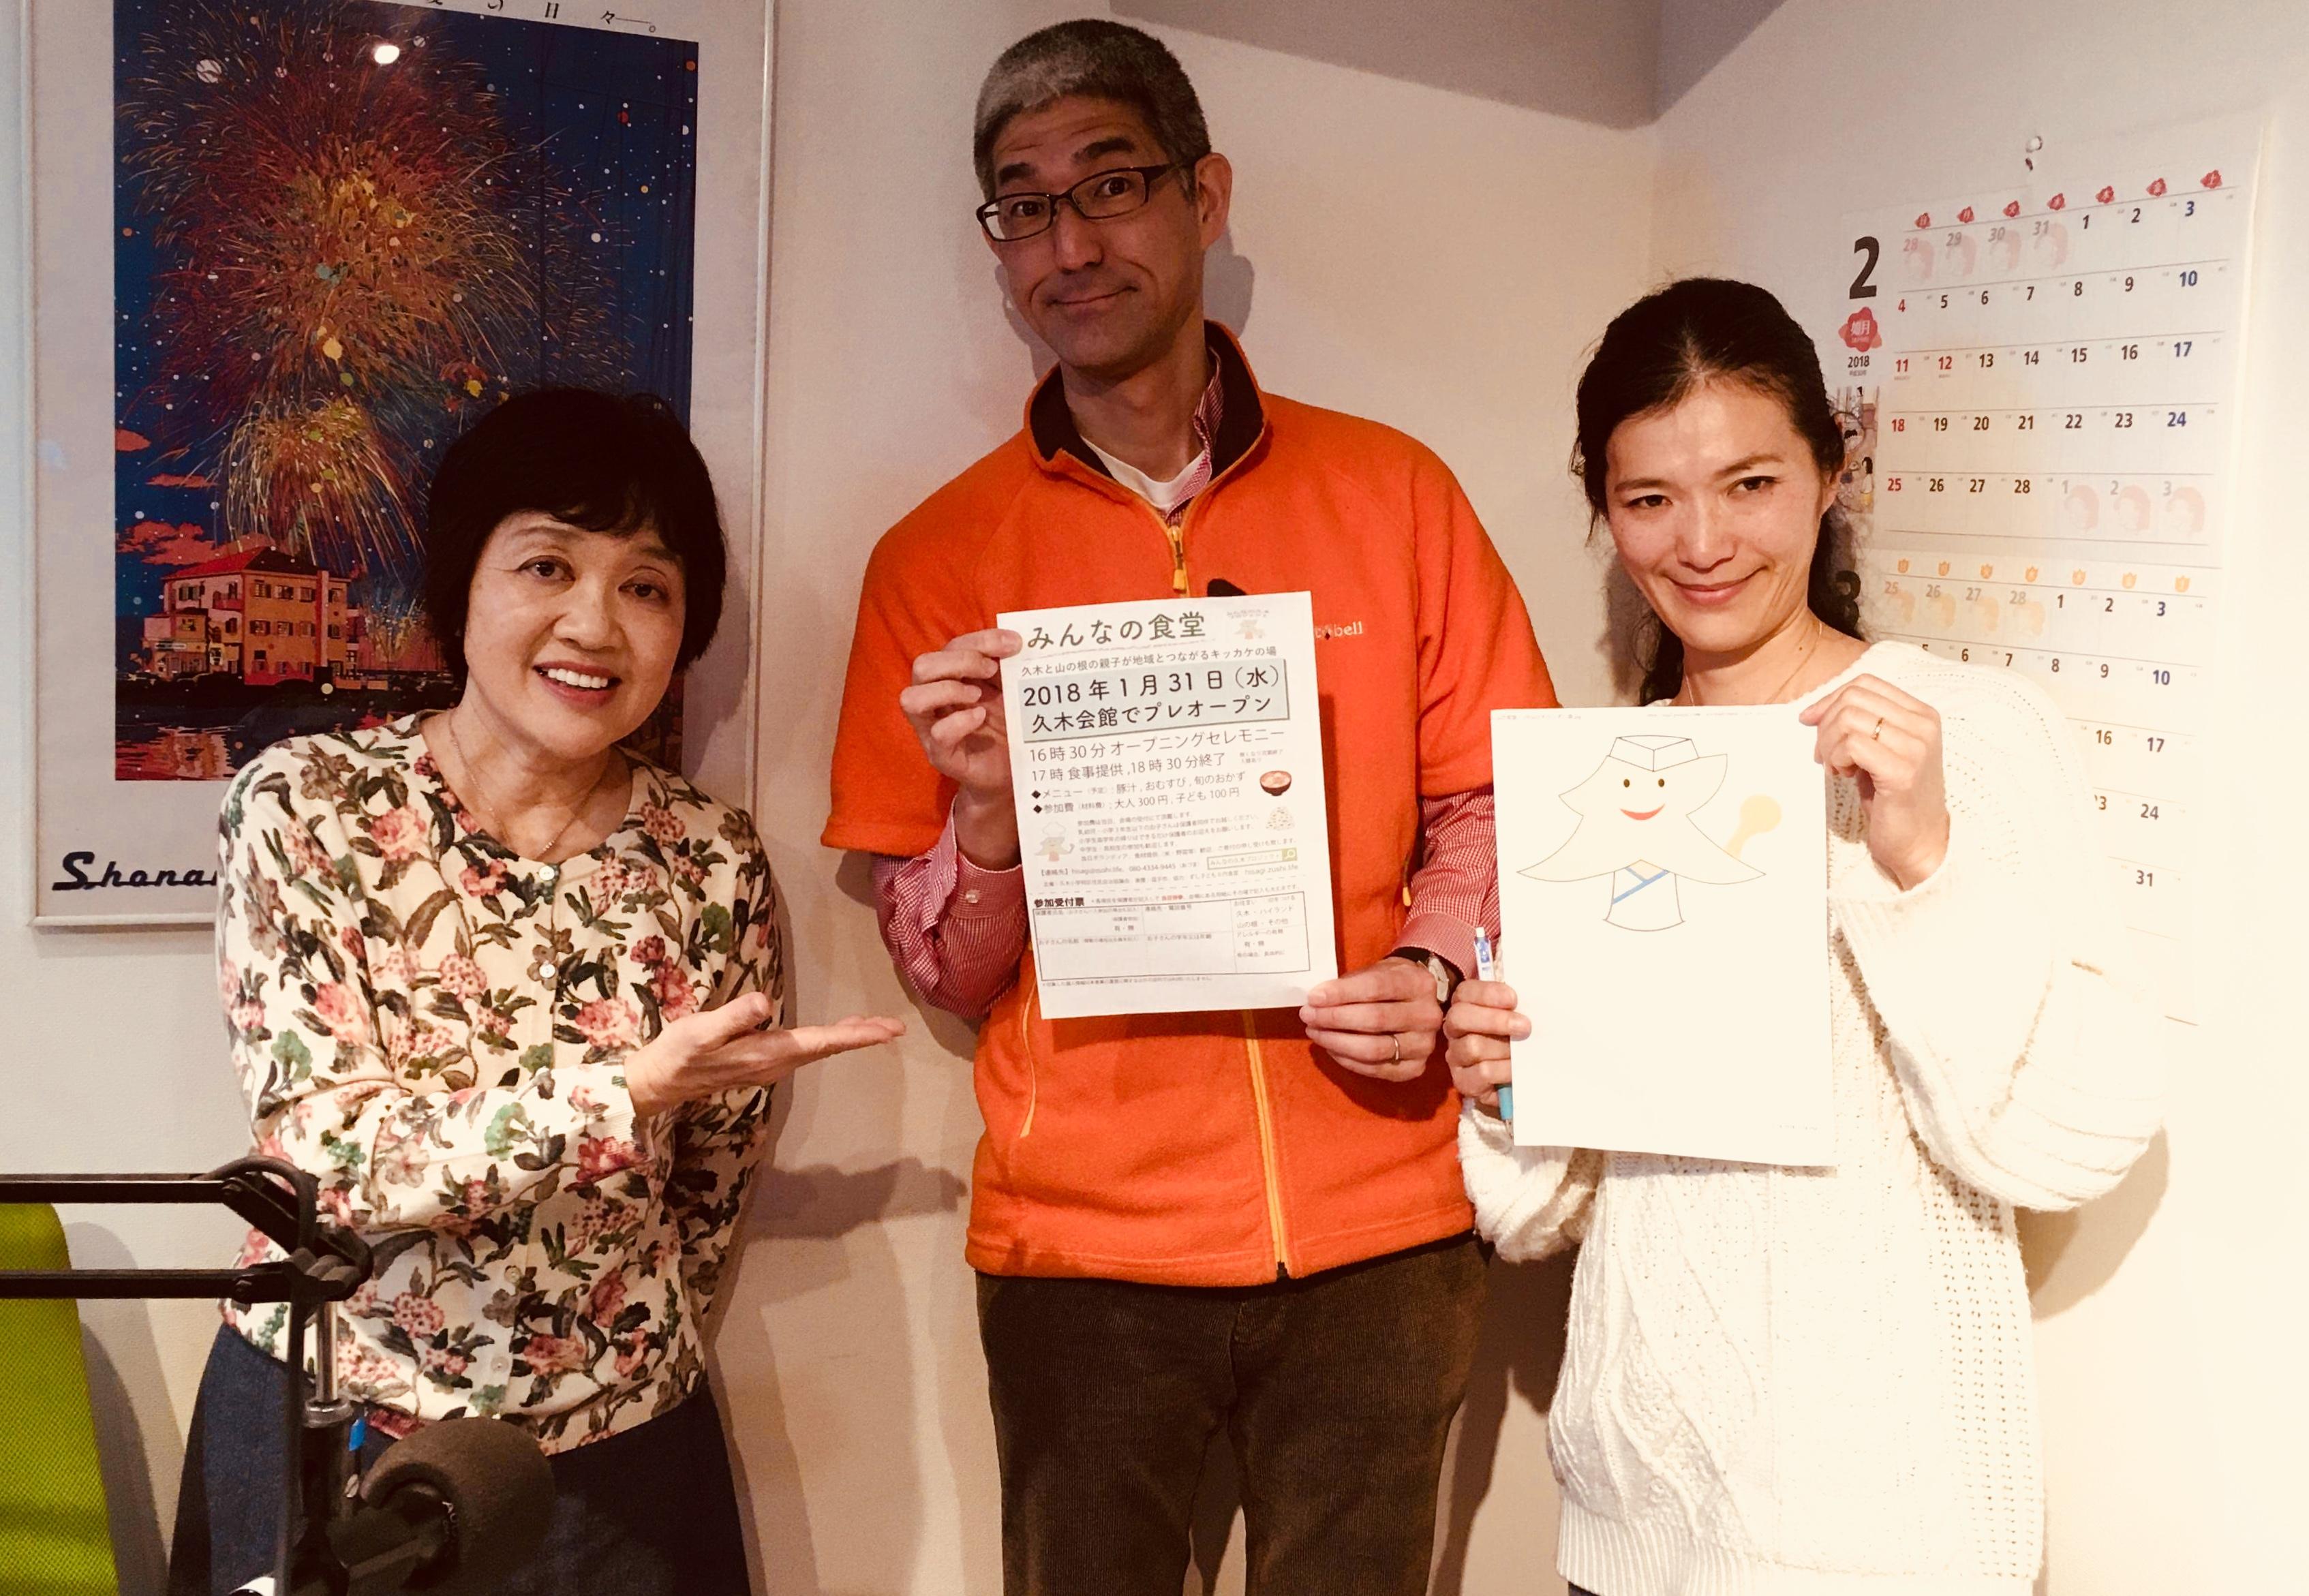 湘南ビーチFMで「みんなの食堂」の紹介と、お隣さんトーク。